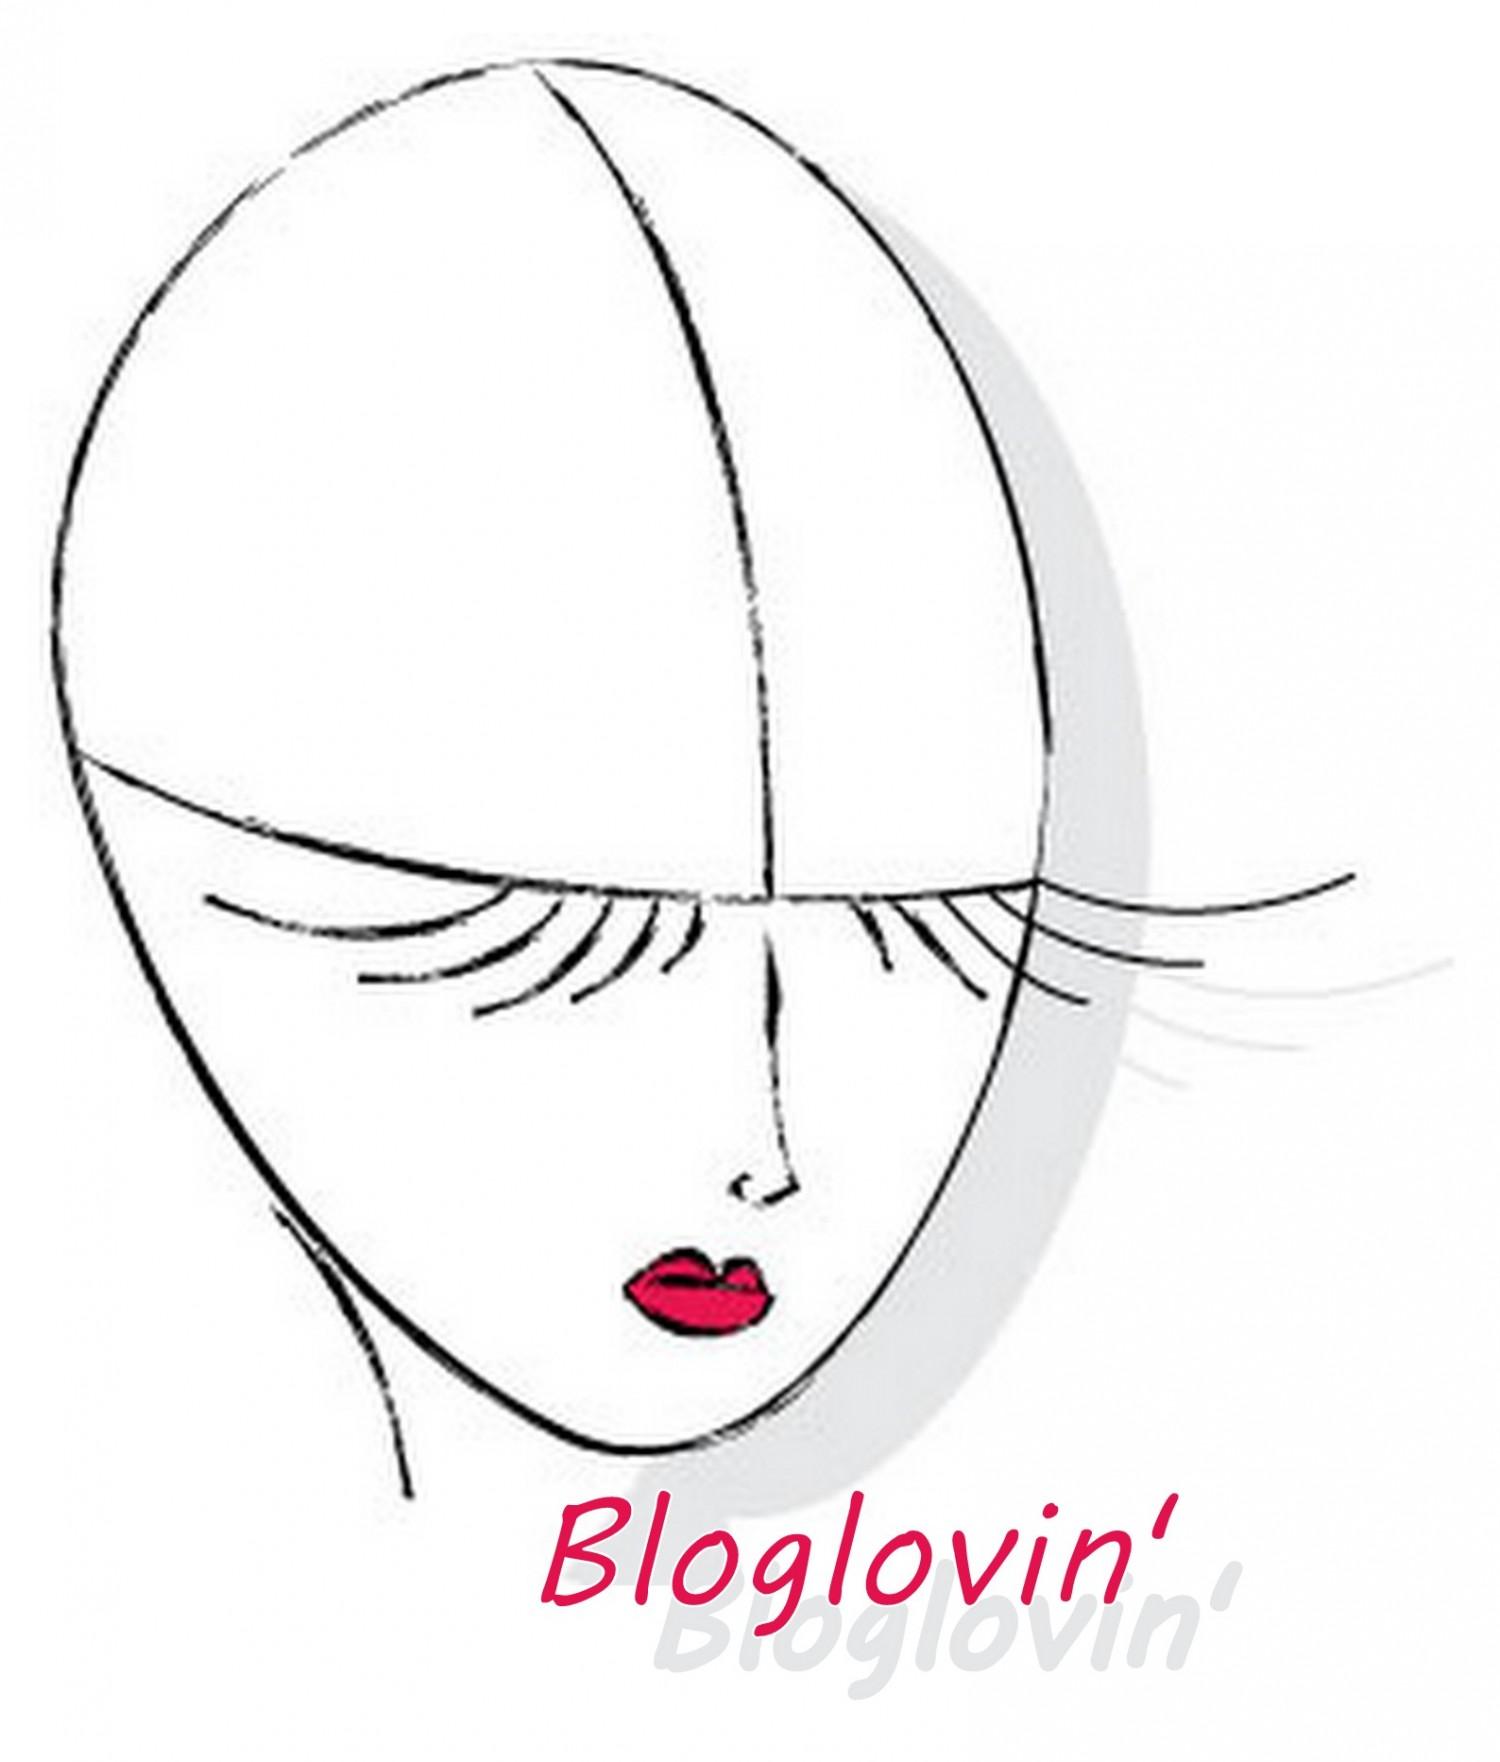 bloglovin-2